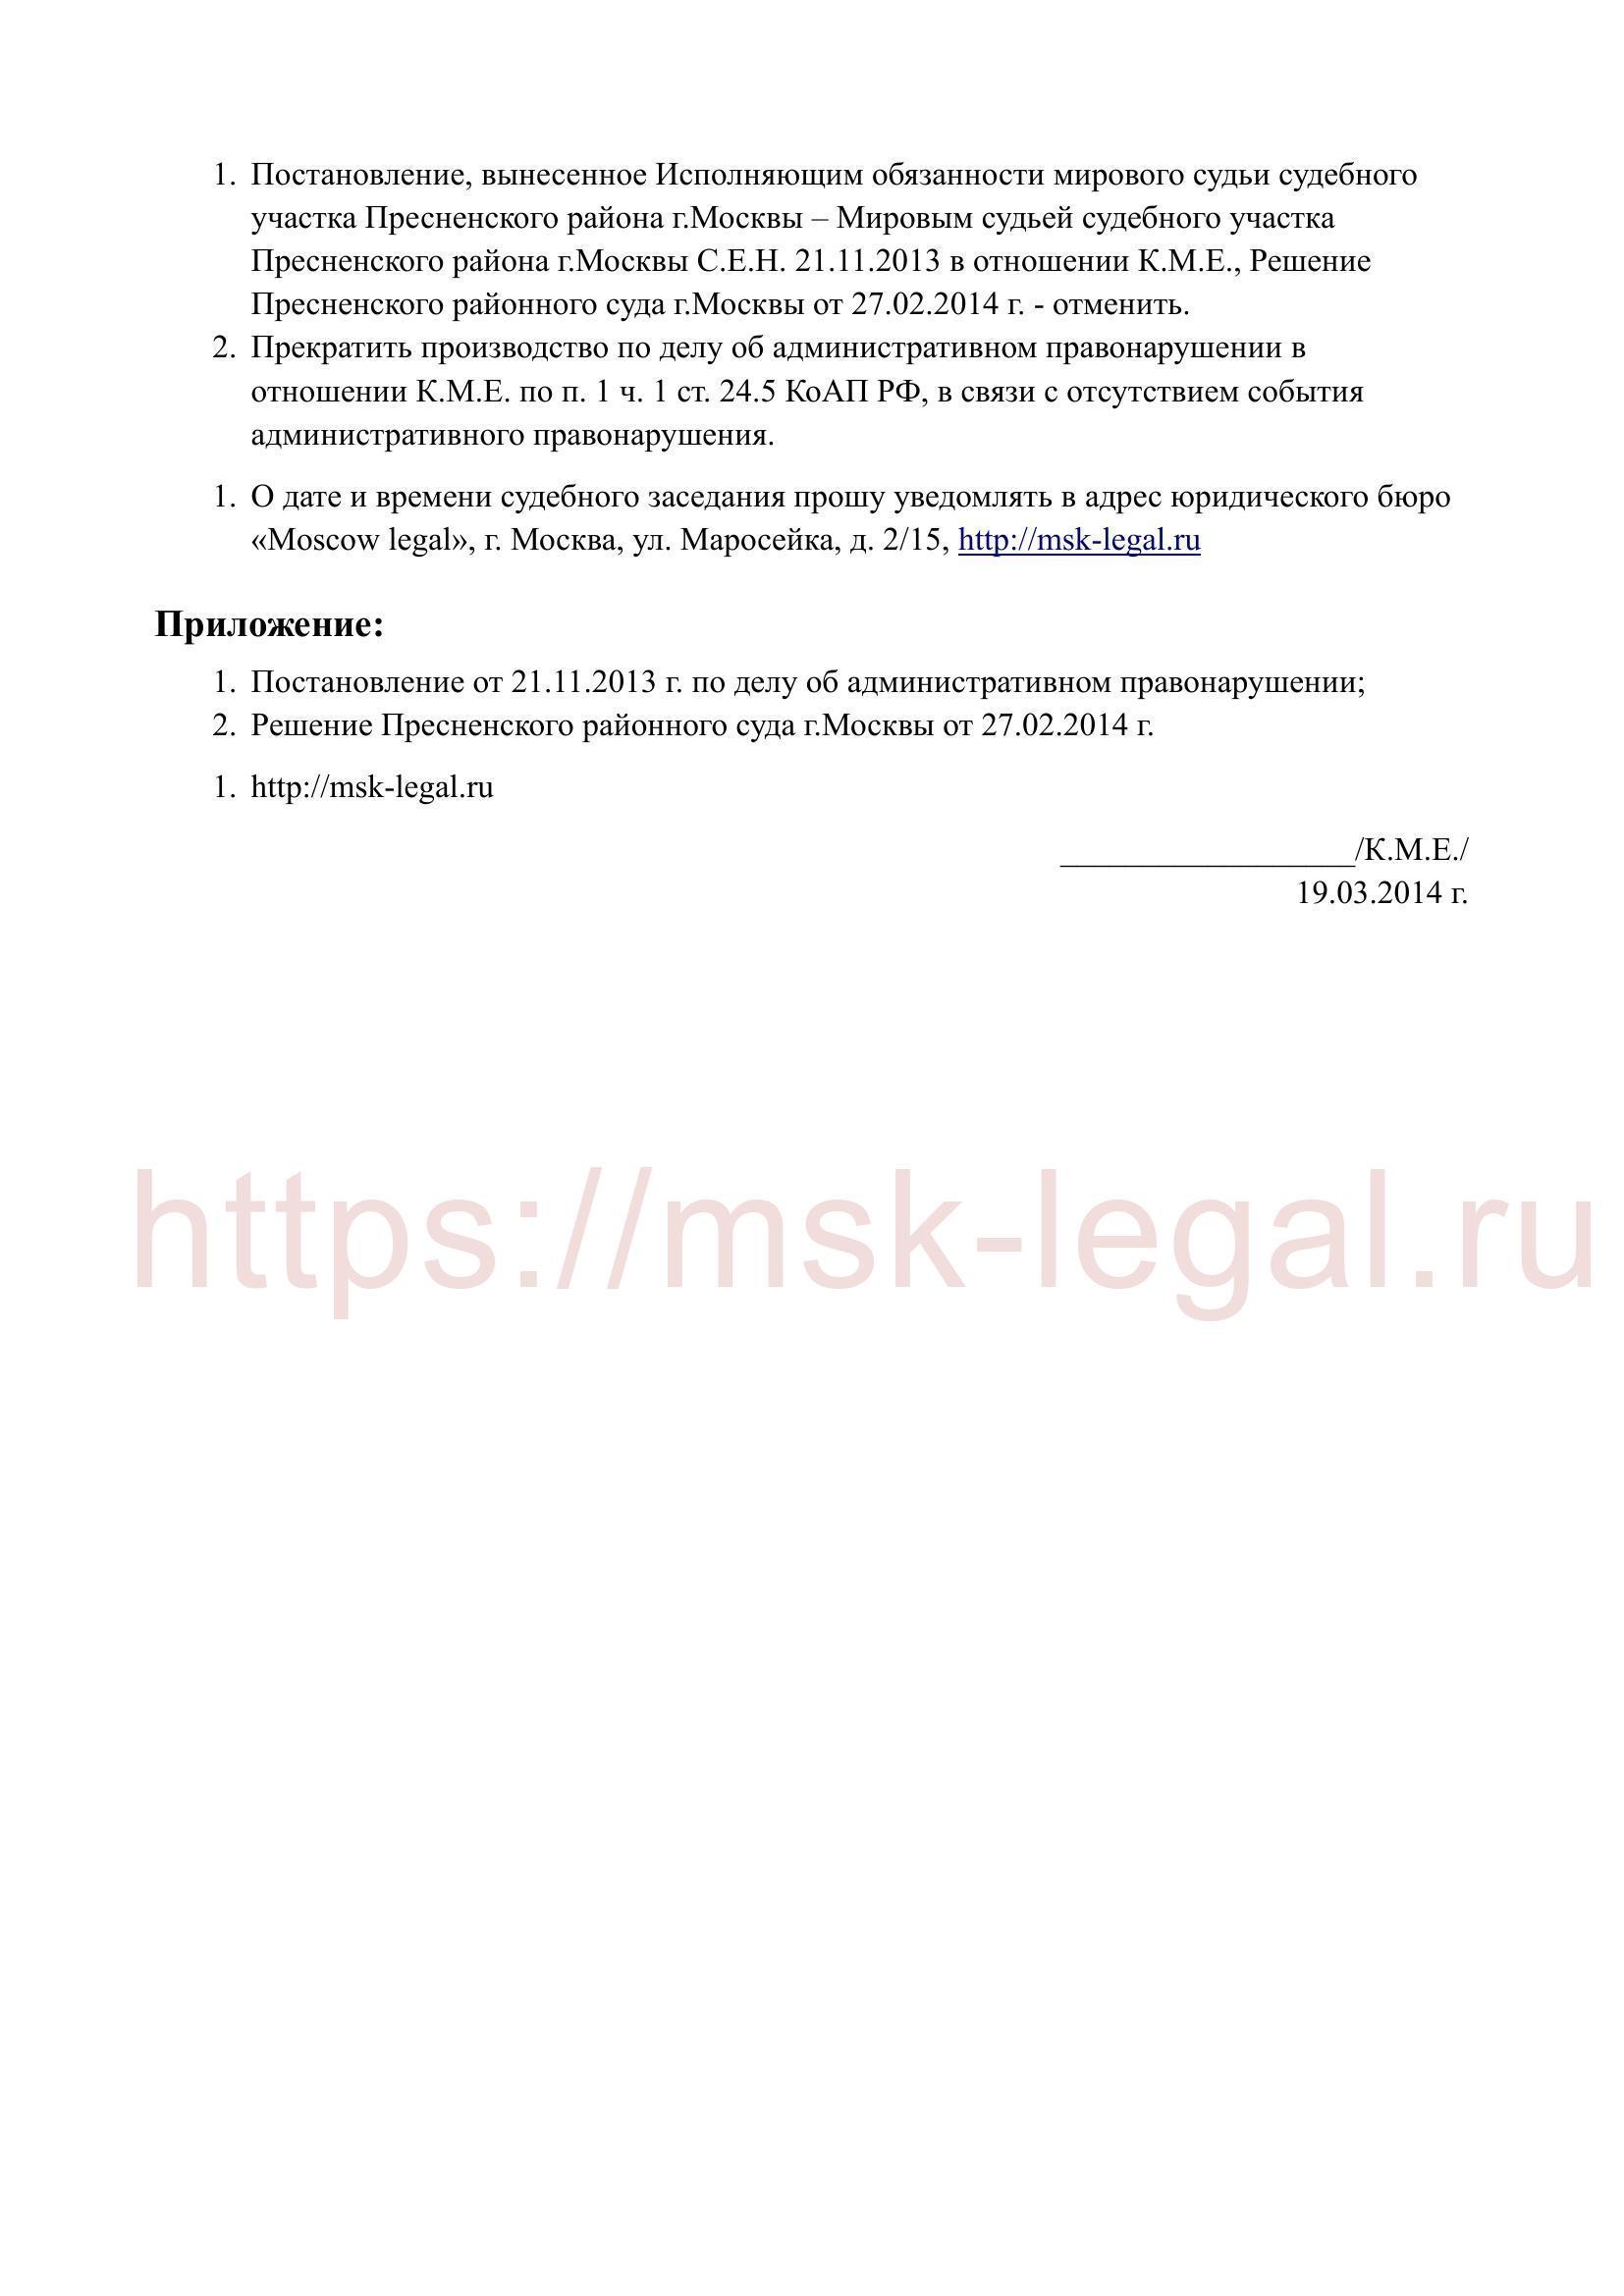 Жалоба по делу по ч.1 ст.12.8 КоАП РФ